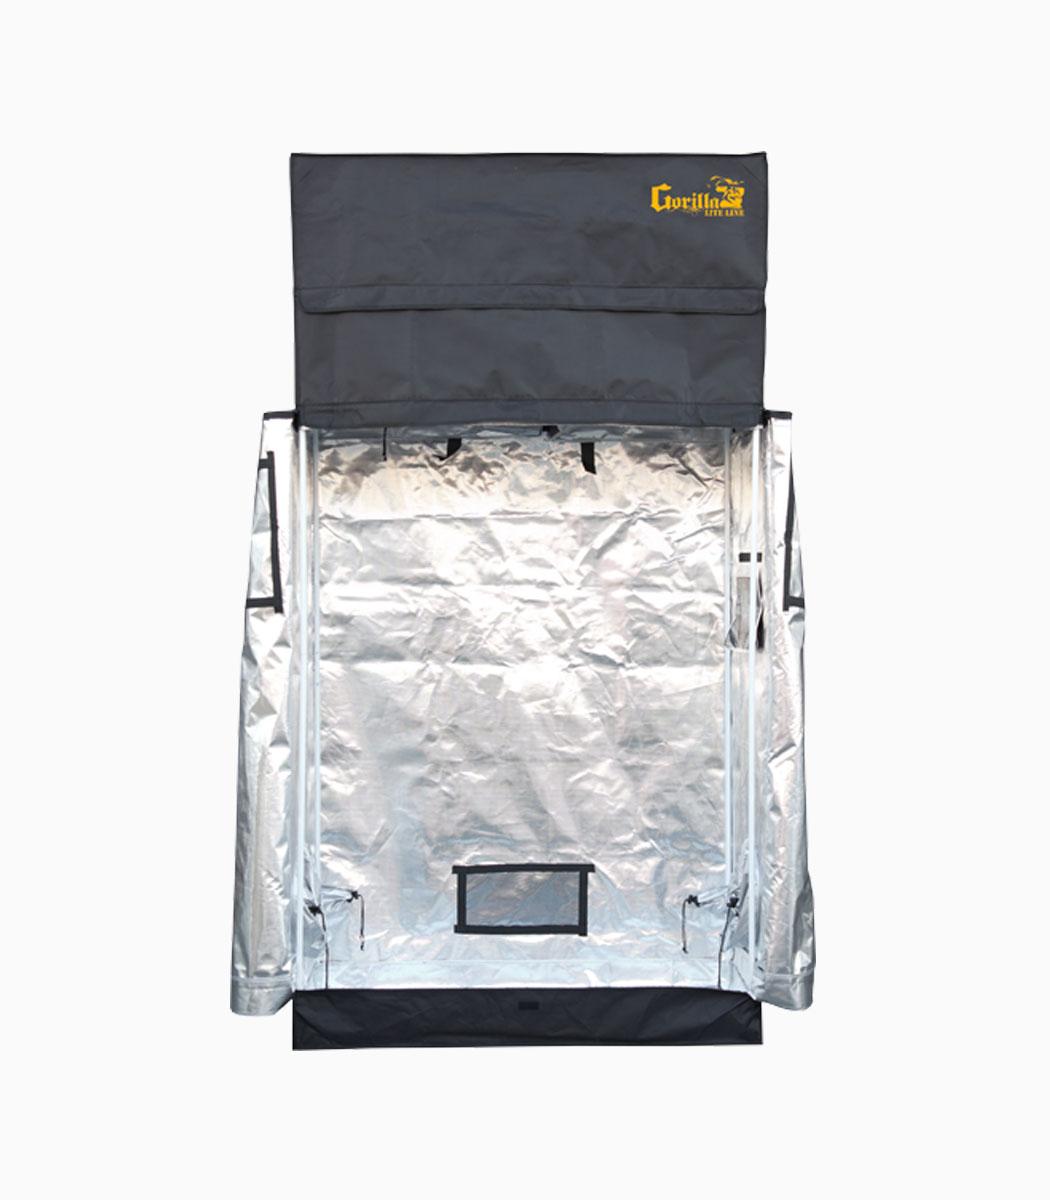 Gorilla LITE LINE Indoor Grow Tent 2 x 4 GGTLT24